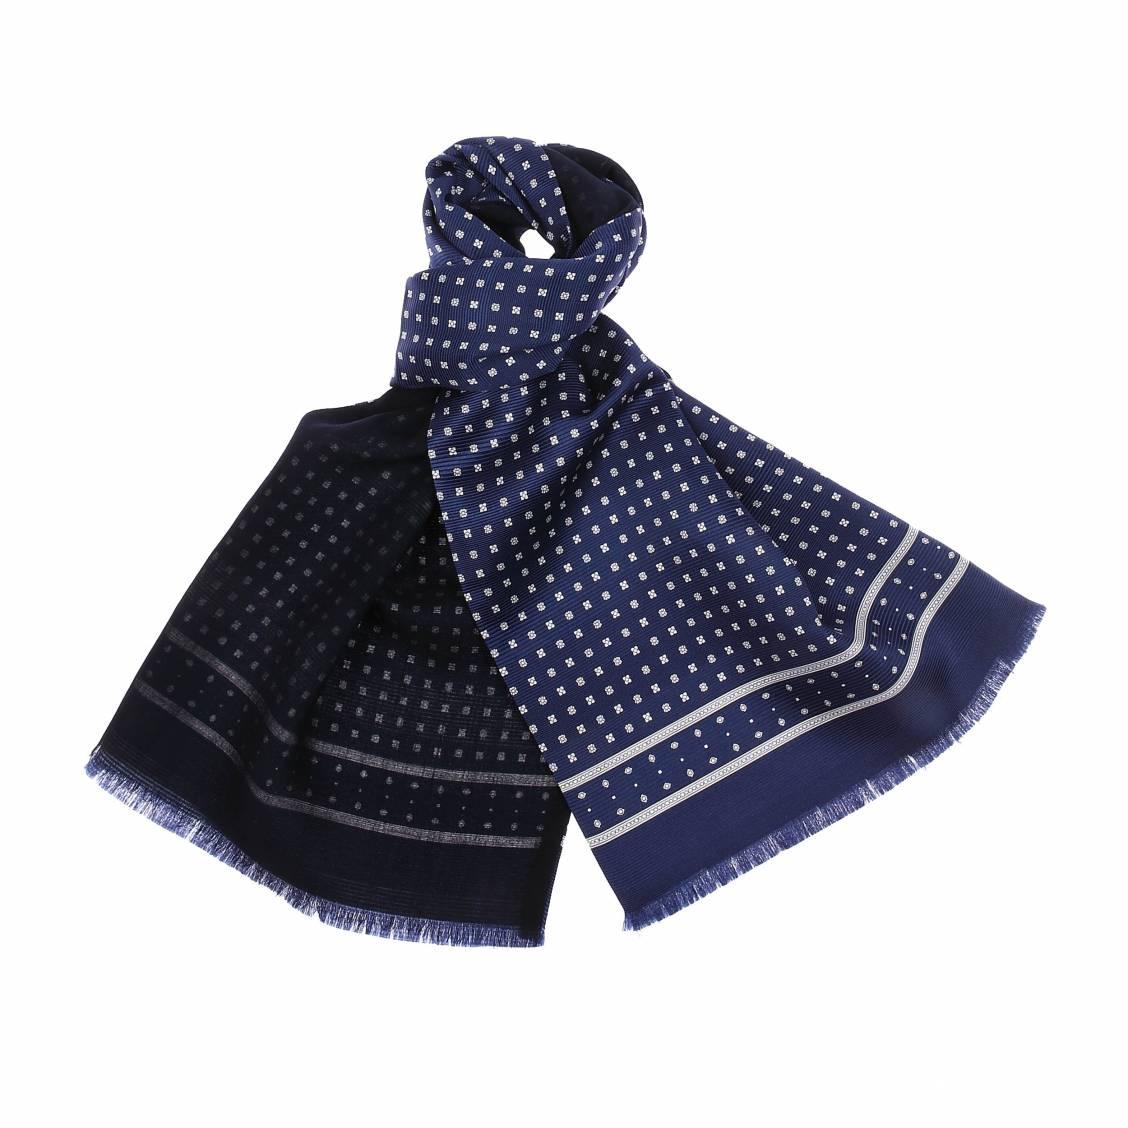 echarpe en soie et laine bleu nuit petites fleurs blanches rue des hommes. Black Bedroom Furniture Sets. Home Design Ideas